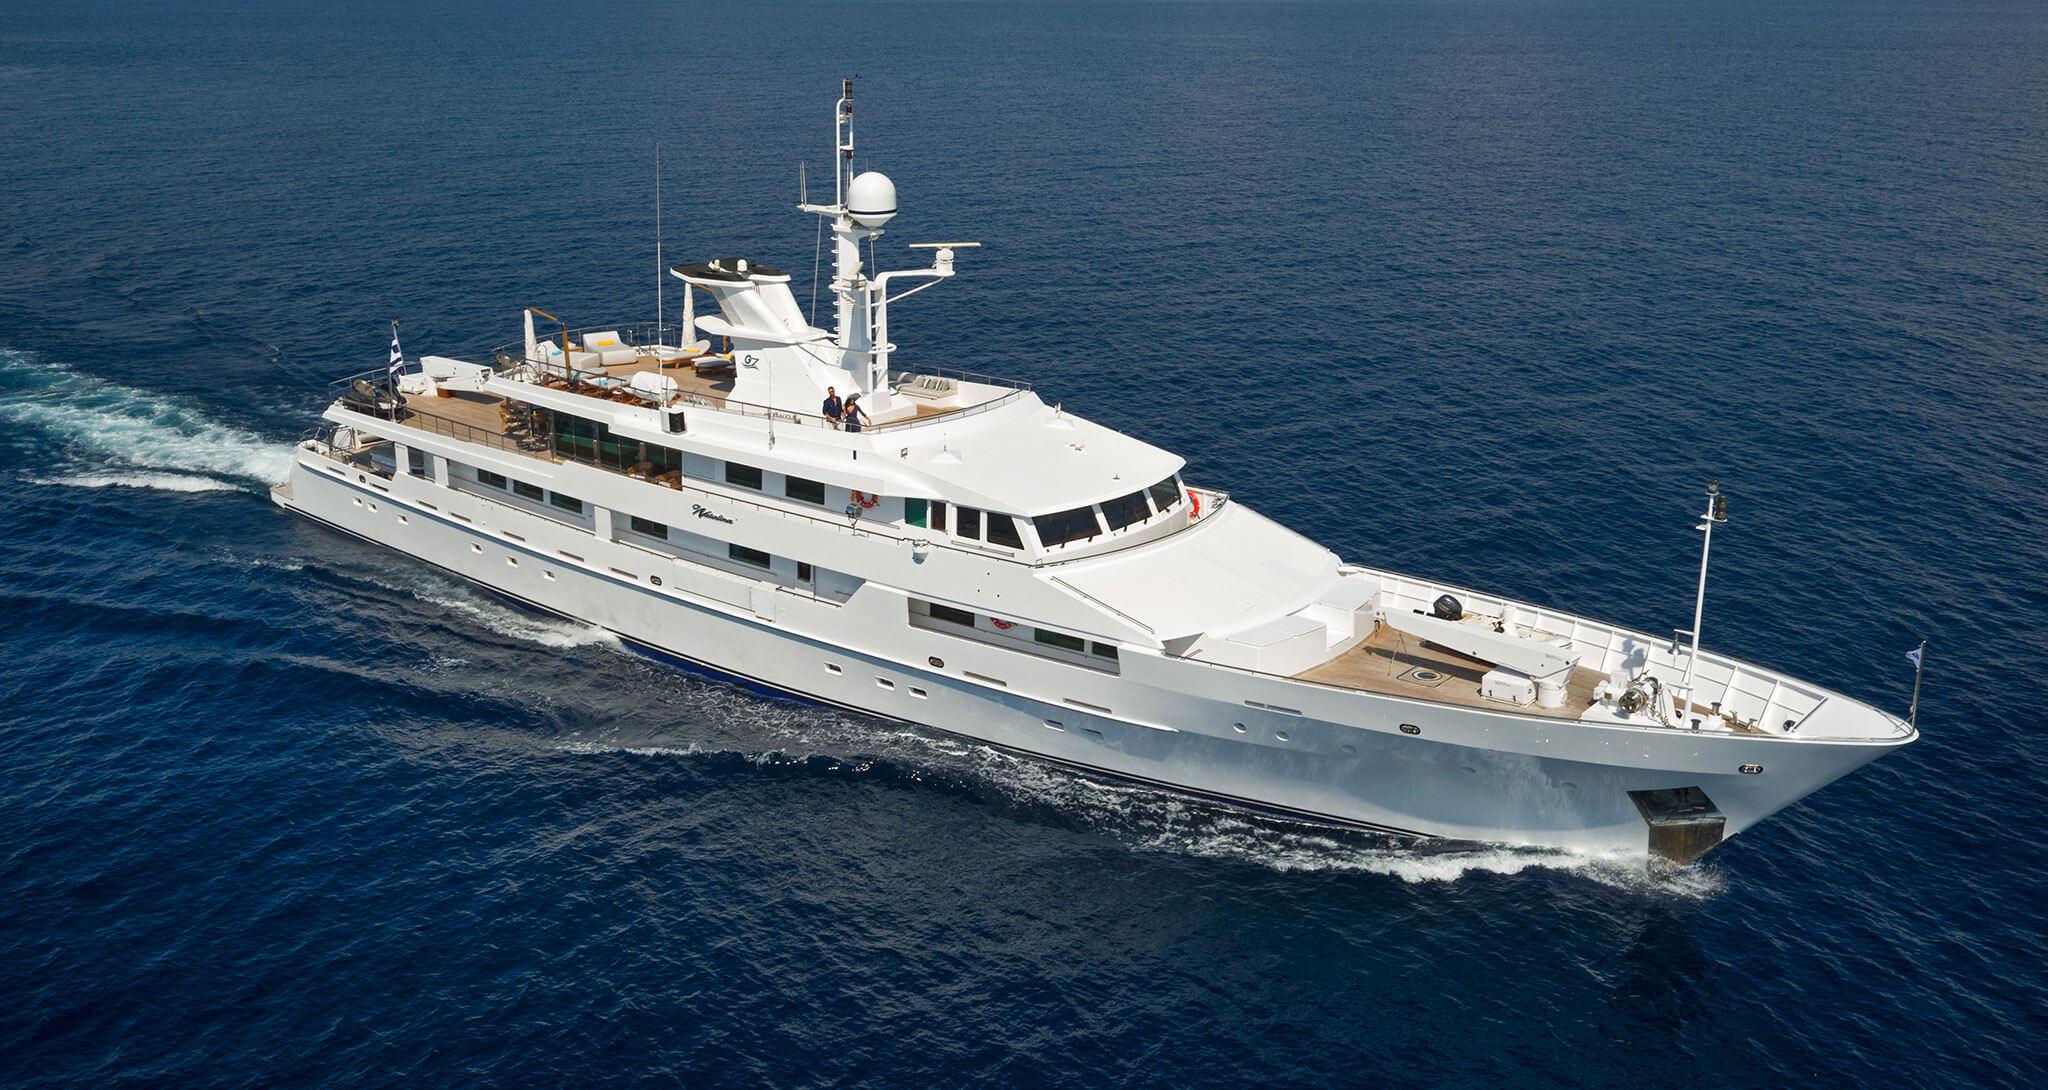 O Natalina - Golden yachts